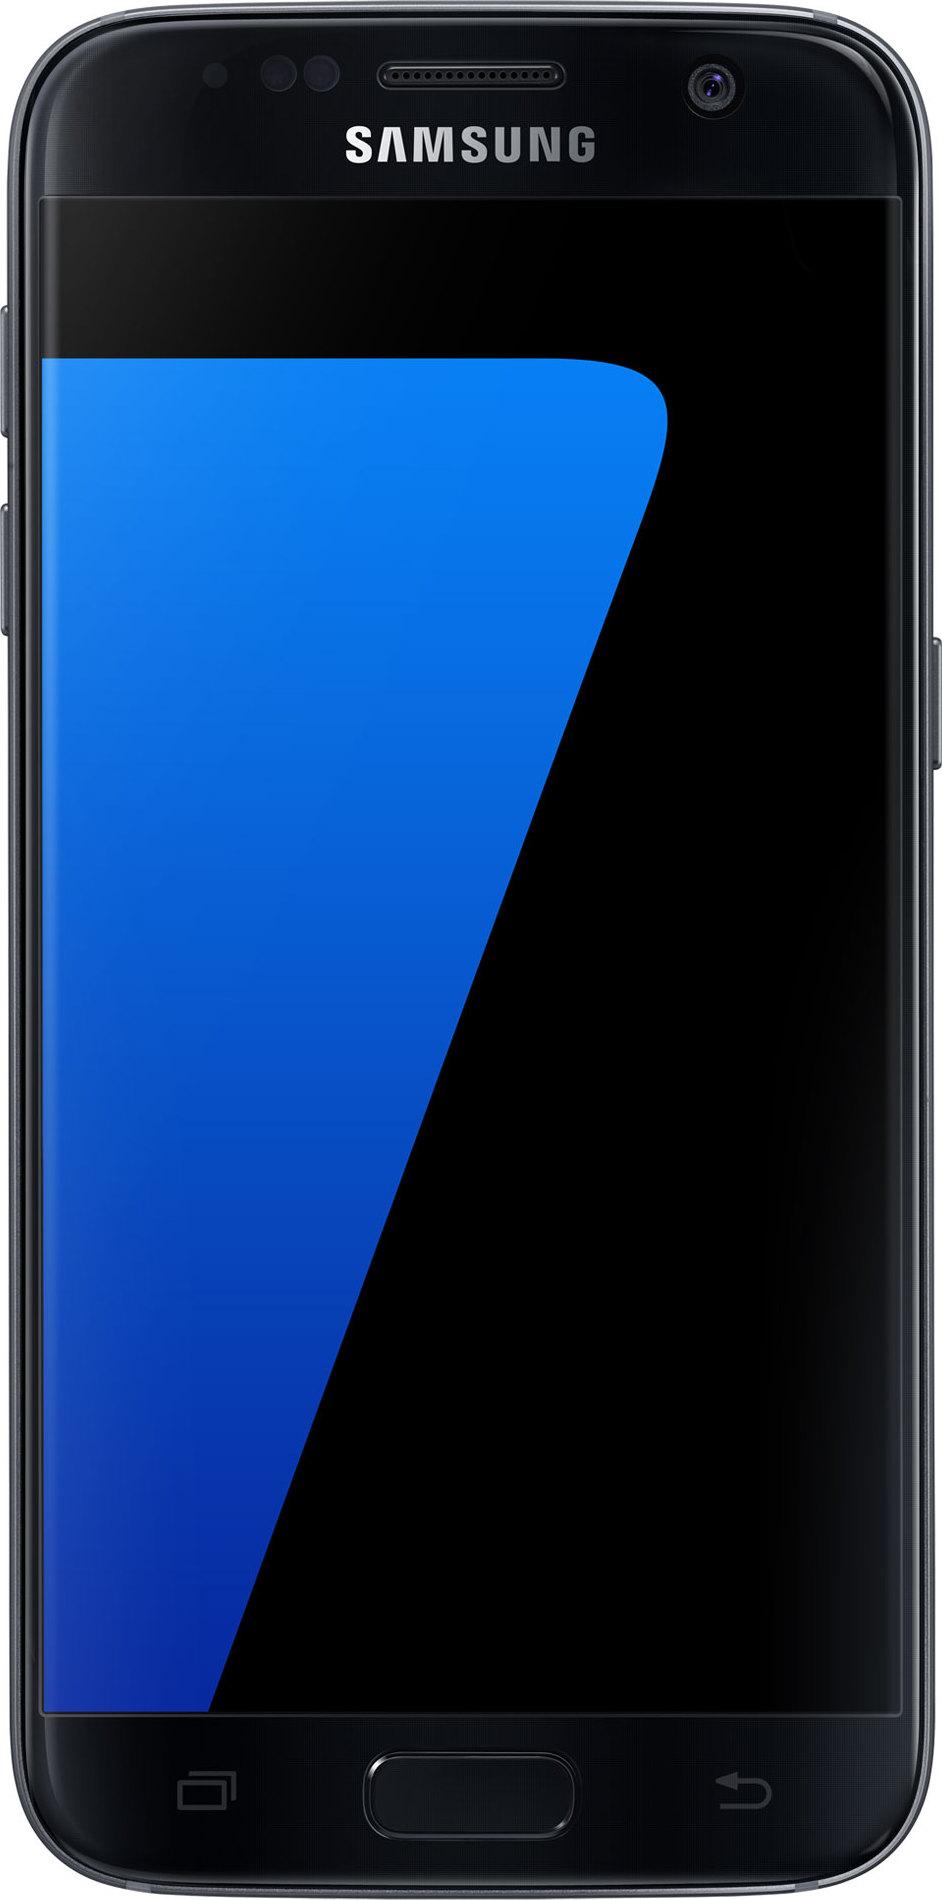 samsung galaxy s7 le super smartphone cor en est bien l fiche technique date de sortie prix. Black Bedroom Furniture Sets. Home Design Ideas